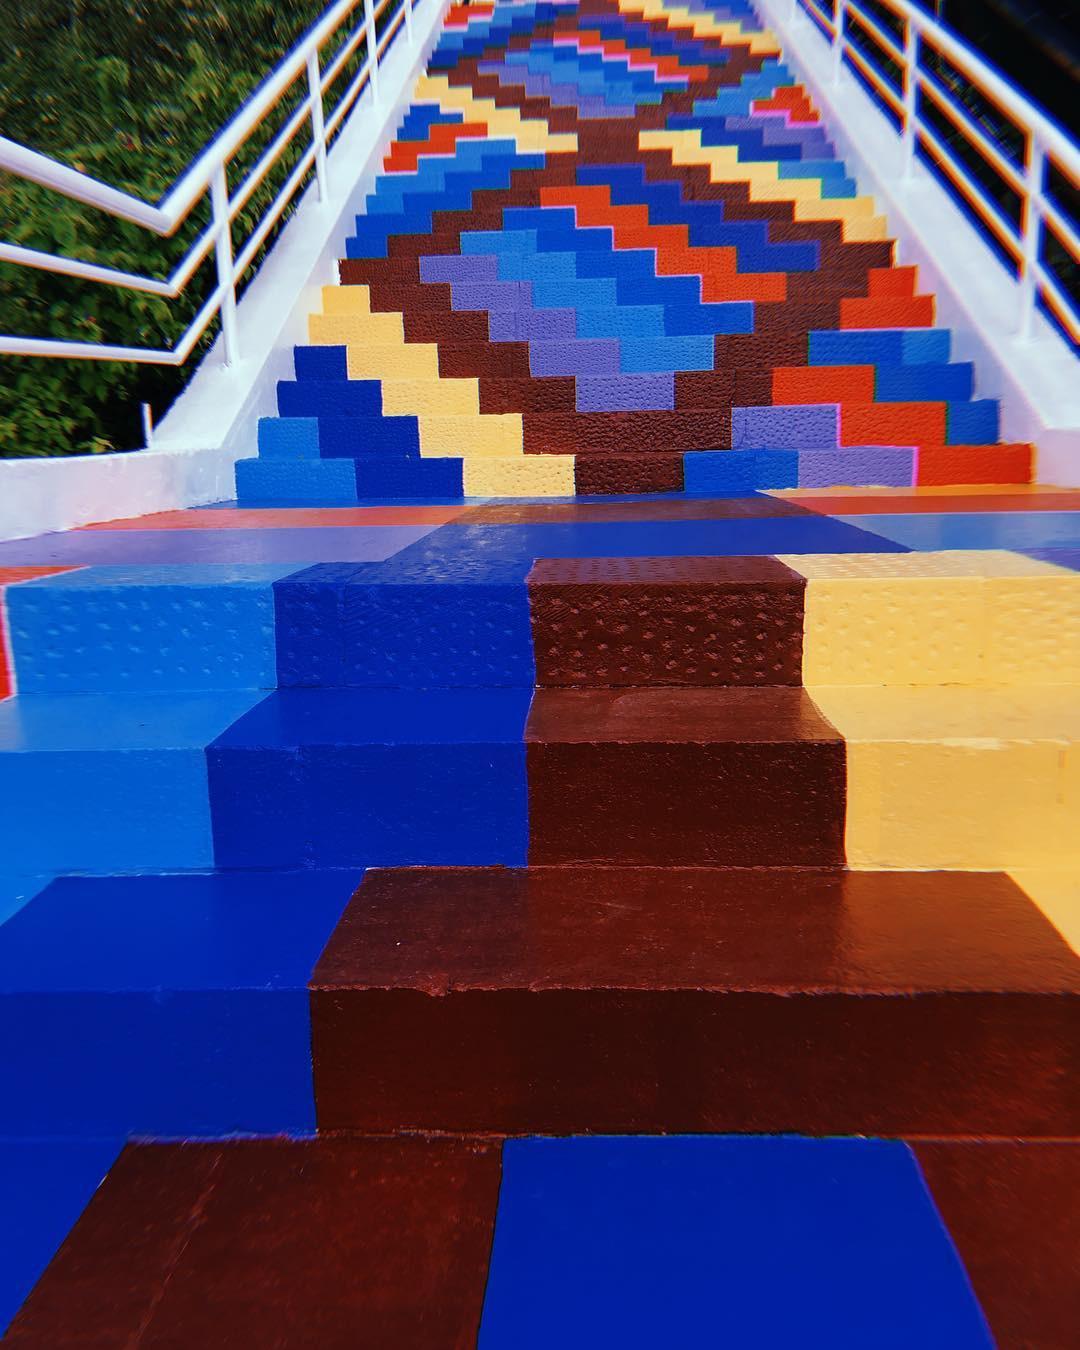 Phát hiện Nấc thang cầu vồng chụp ảnh siêu ảo diệu ở Nha Trang - Ảnh 2.